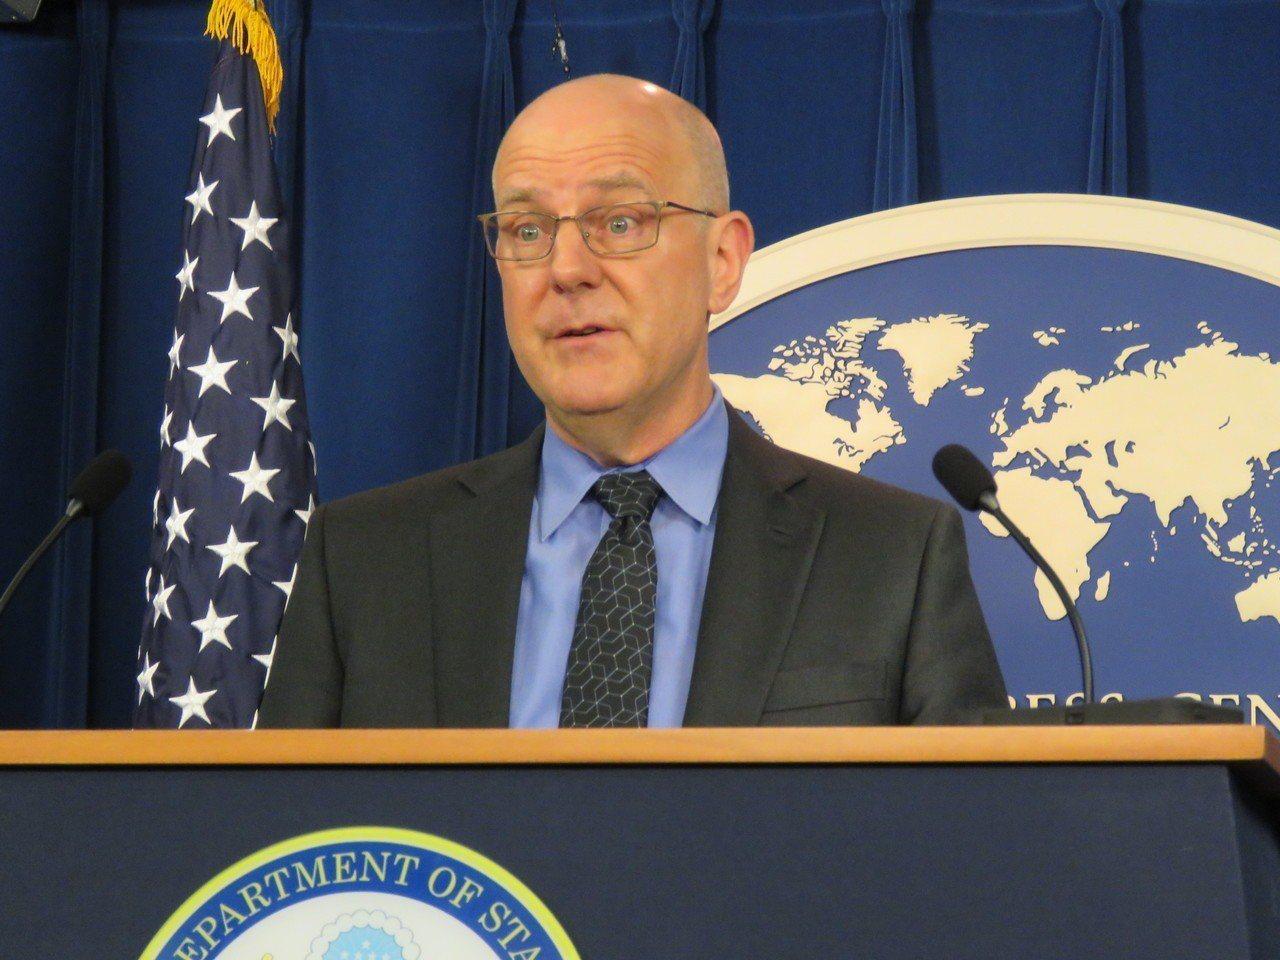 美國國務院經濟與商業事務局貿易政策談判副助理國務卿米德偉。華盛頓記者張加/攝影